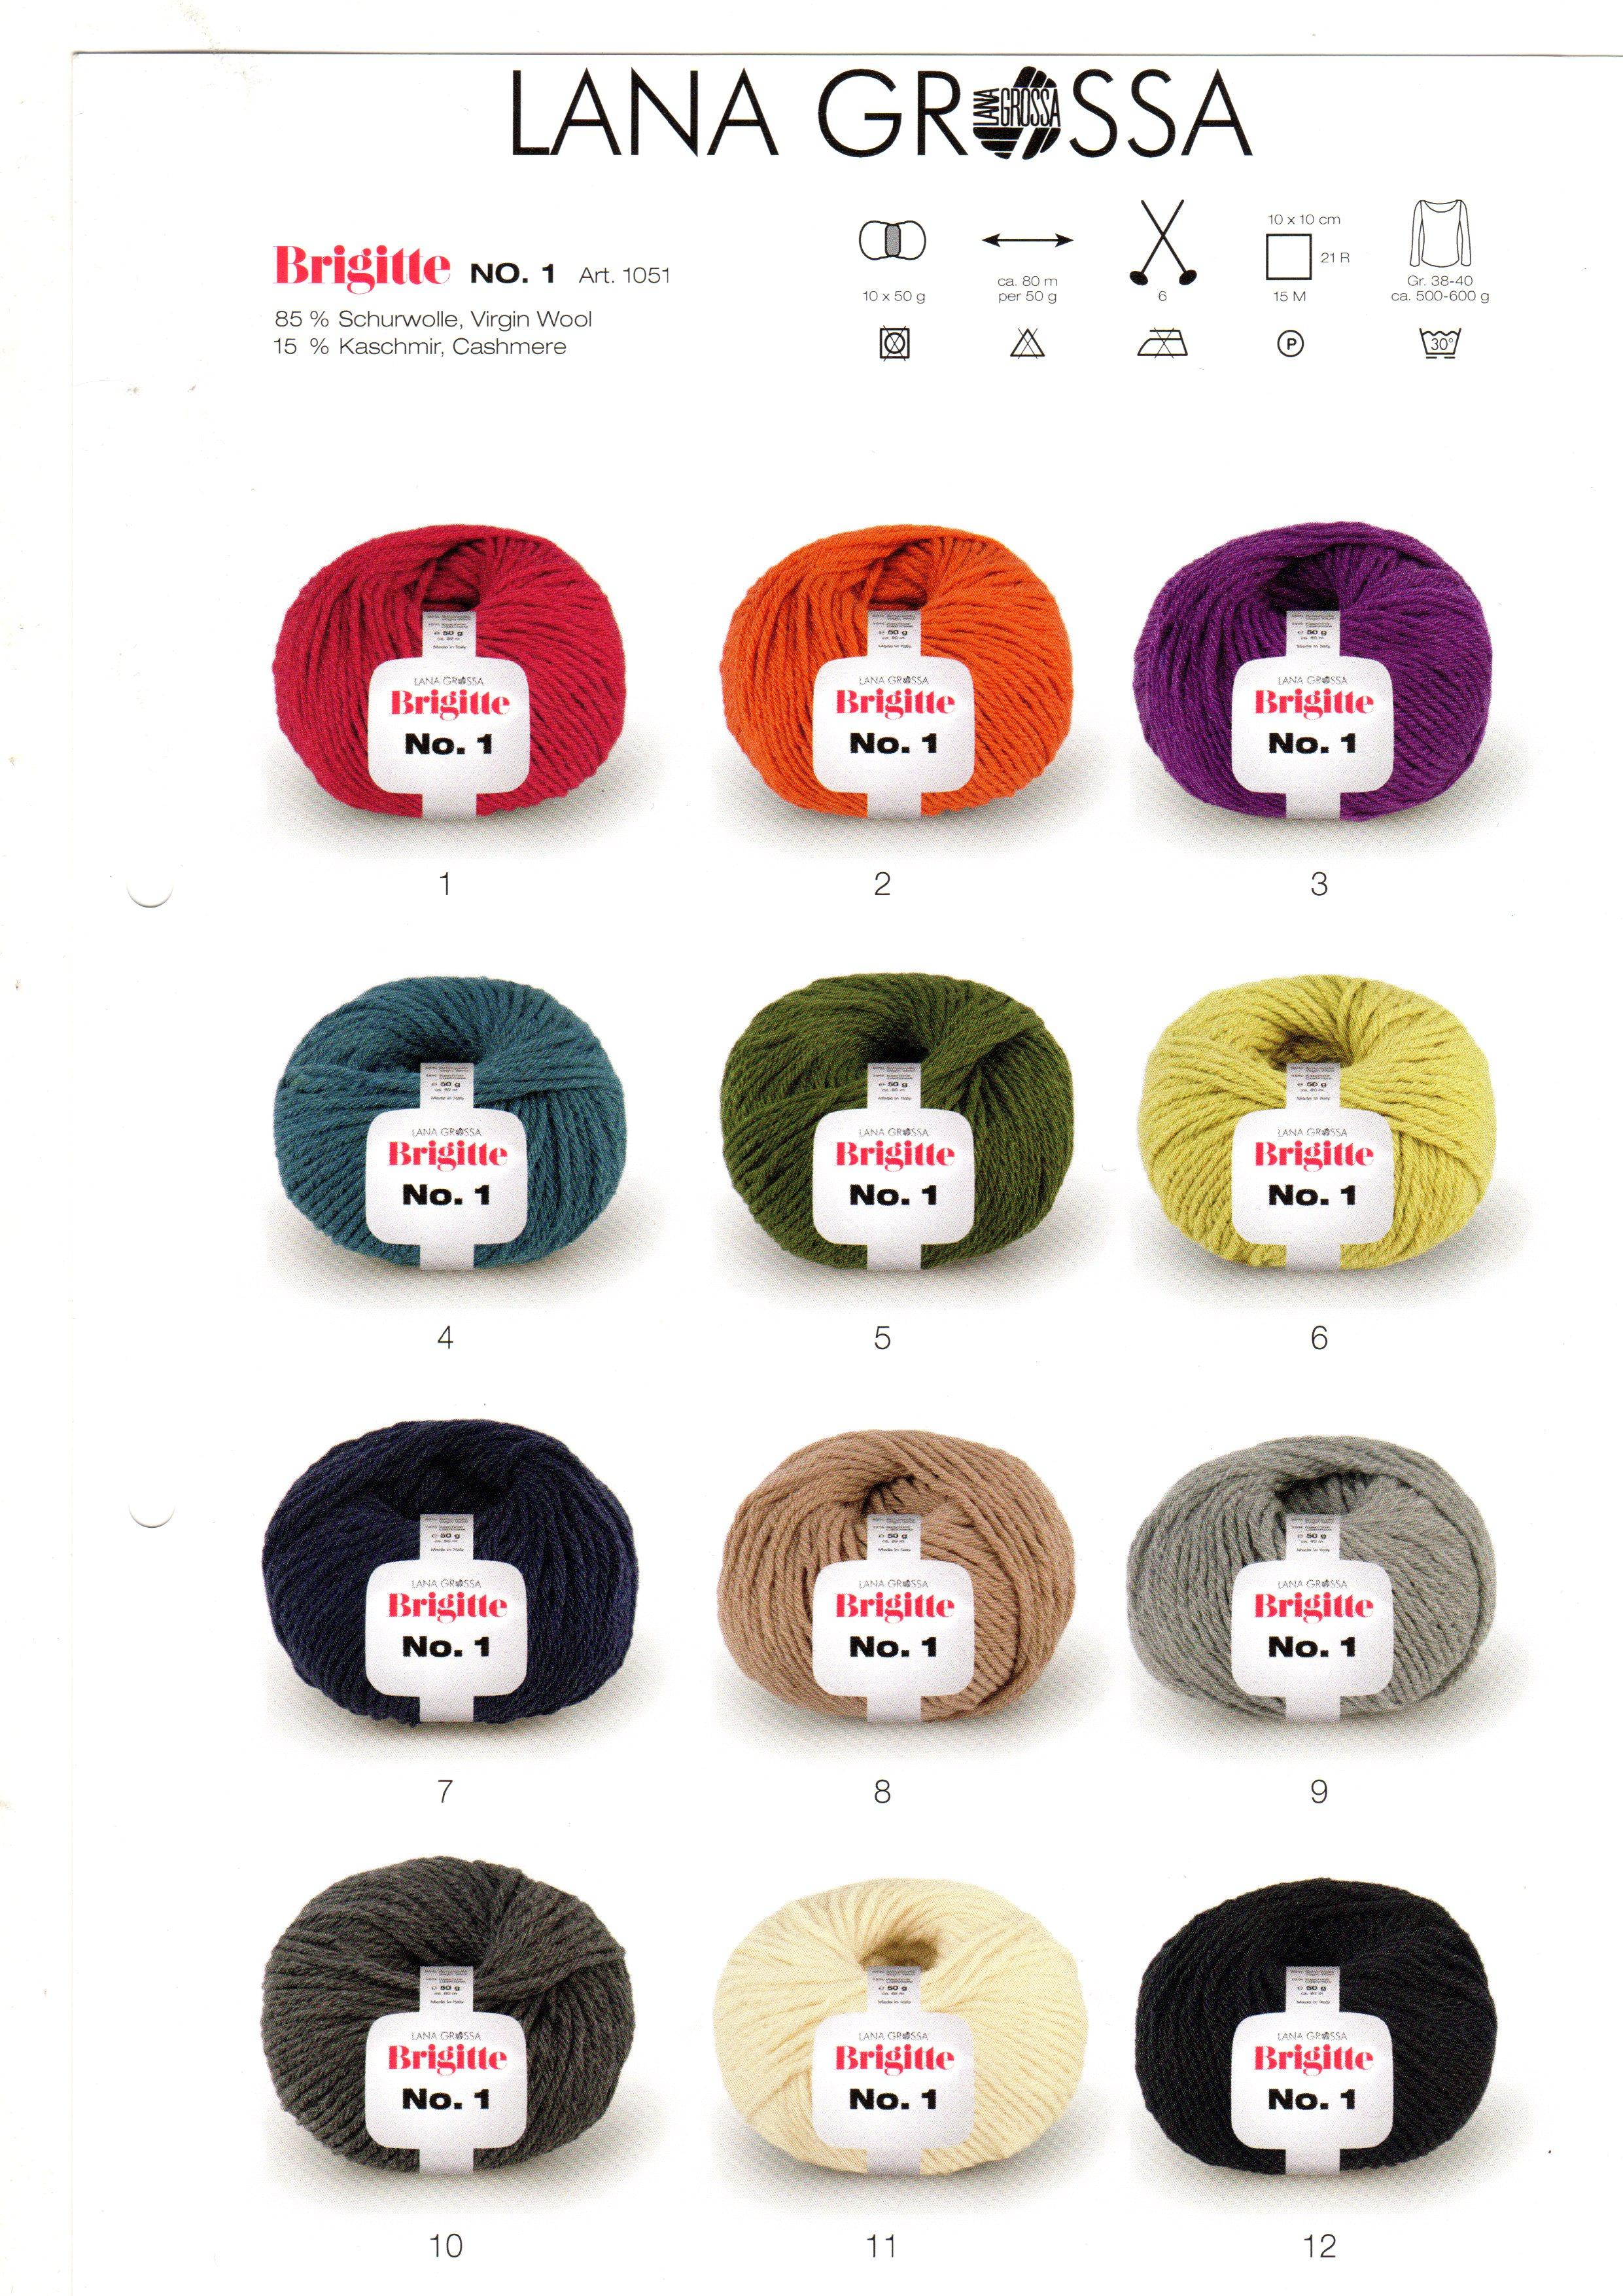 Brigitte no 1 lana grossa online shop for Brigitte versand deutschland